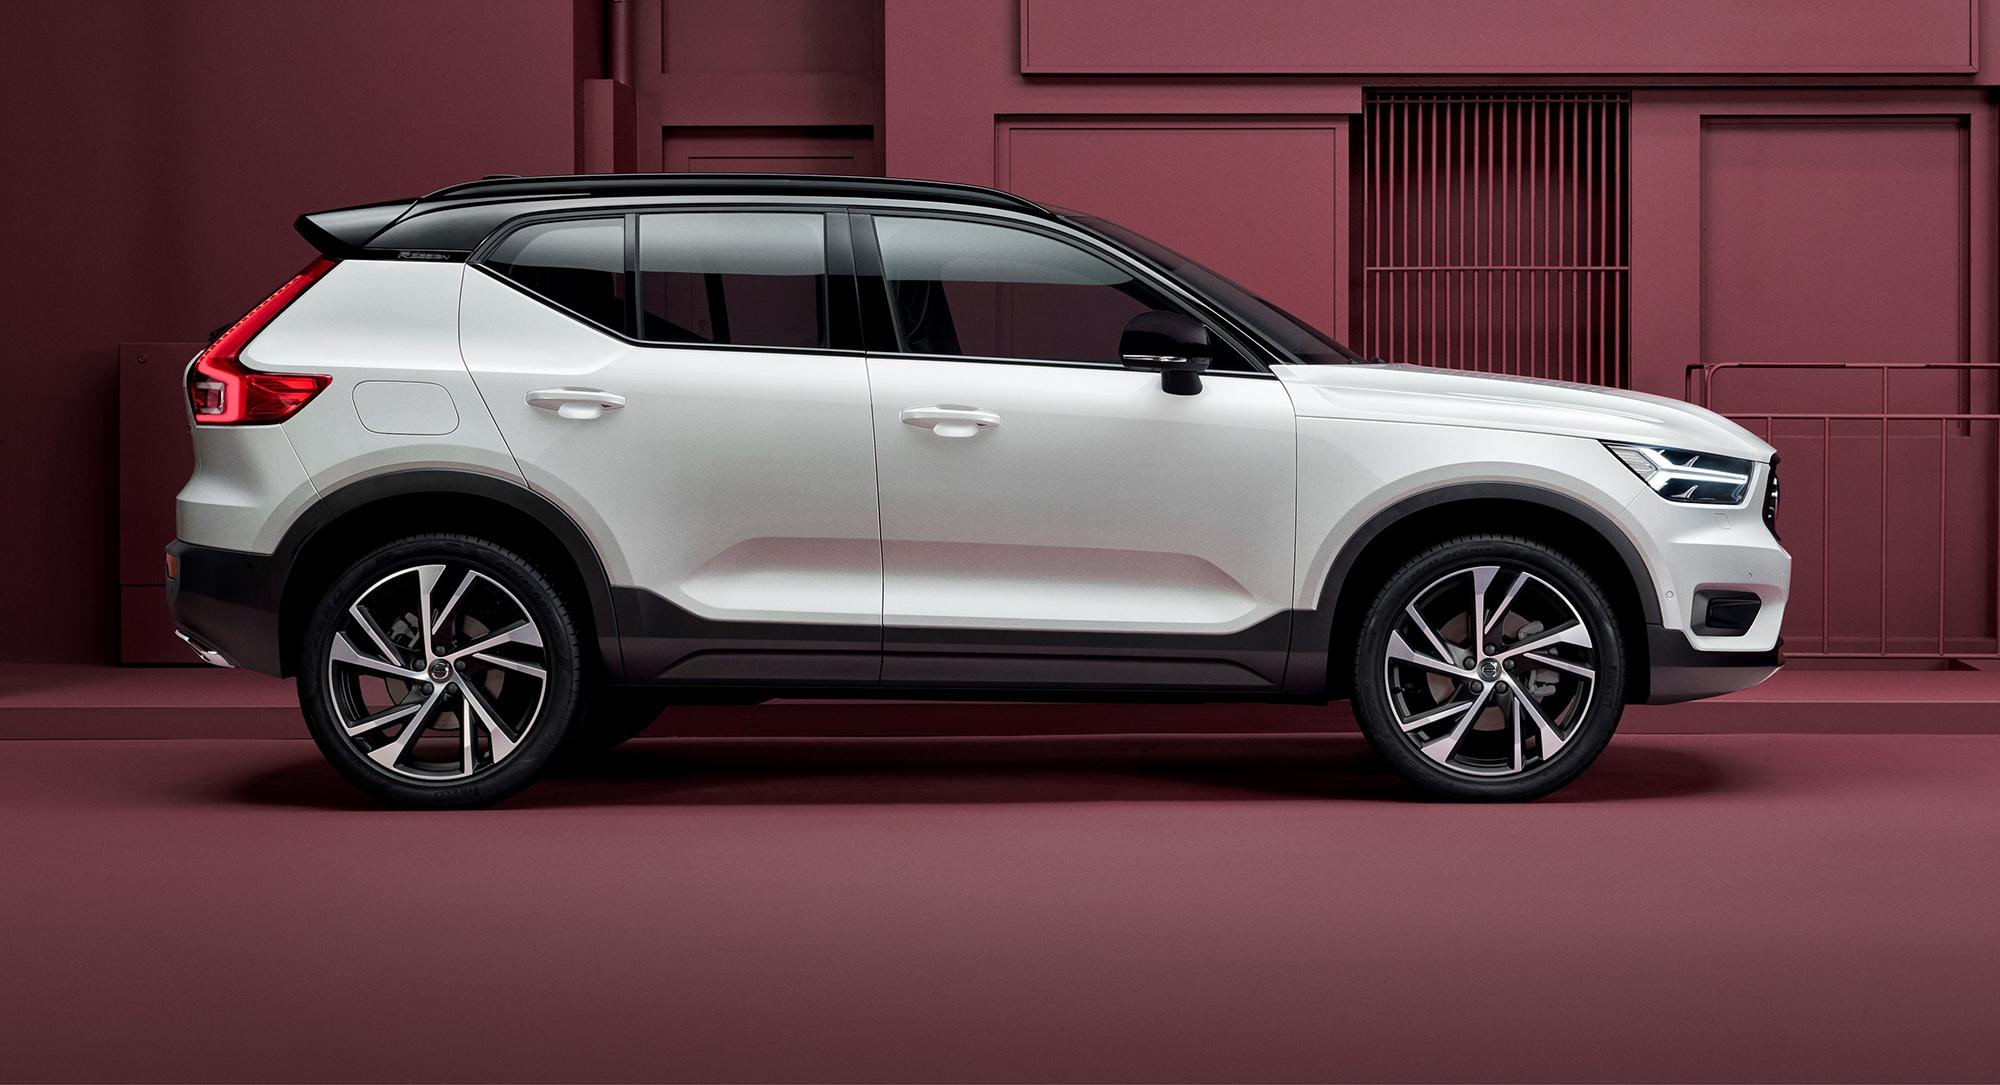 Subaru Older Models >> 2018 Volvo XC40 revealed - photos | CarAdvice